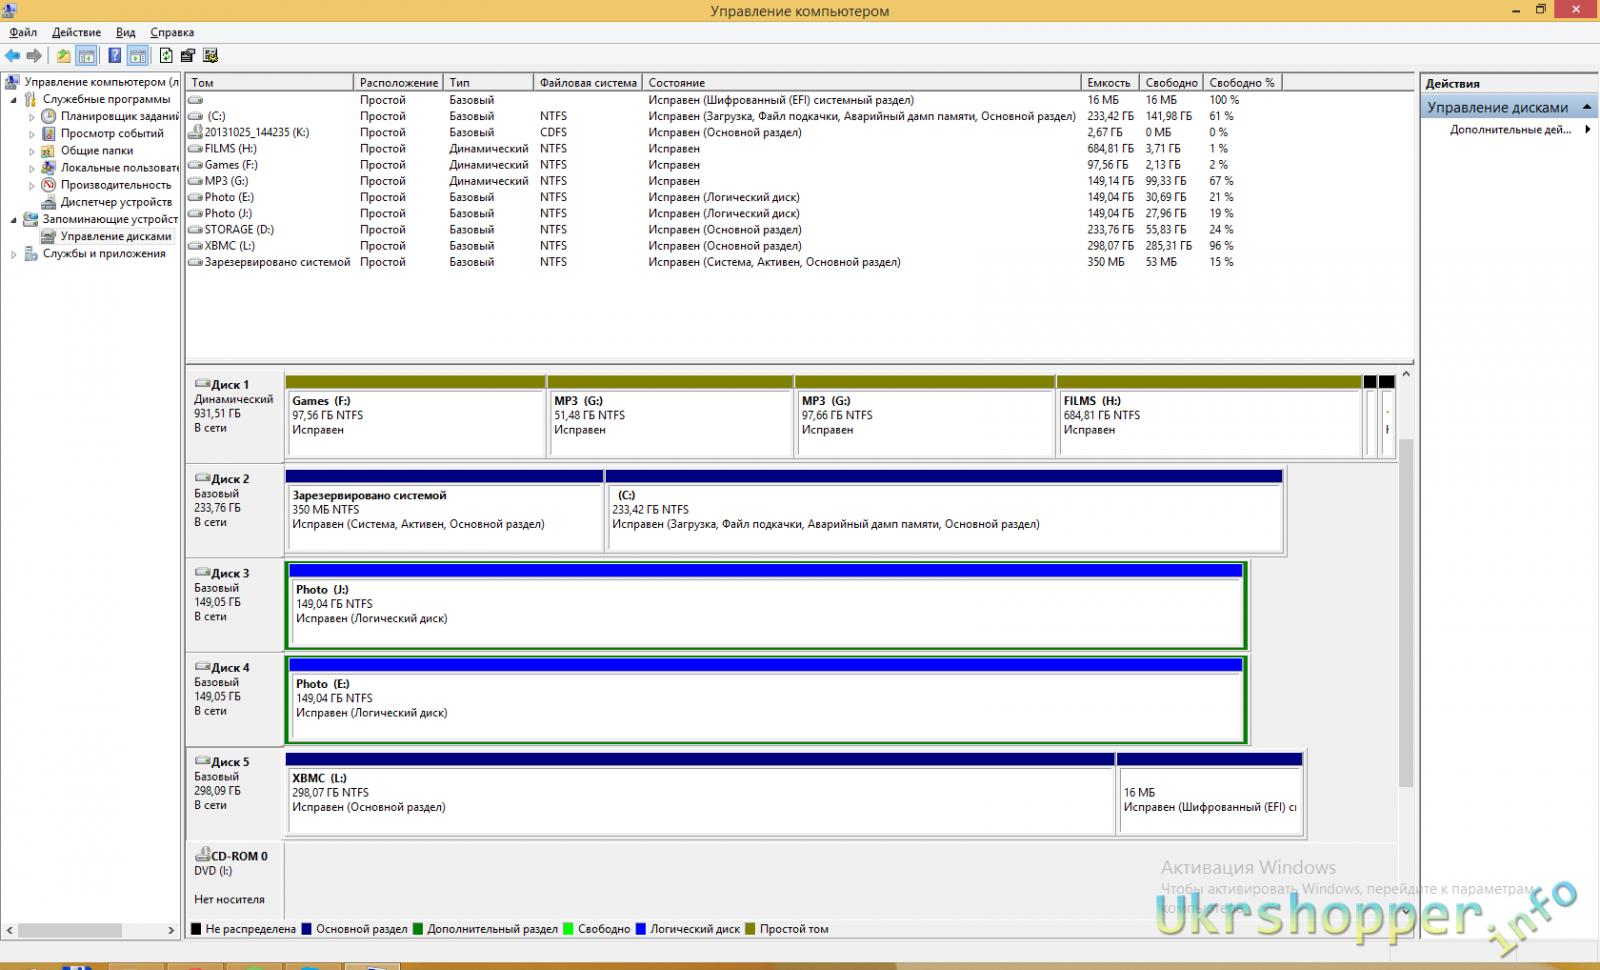 Раскрывая тайны Windows: как динамический диск сделать базовым? 55